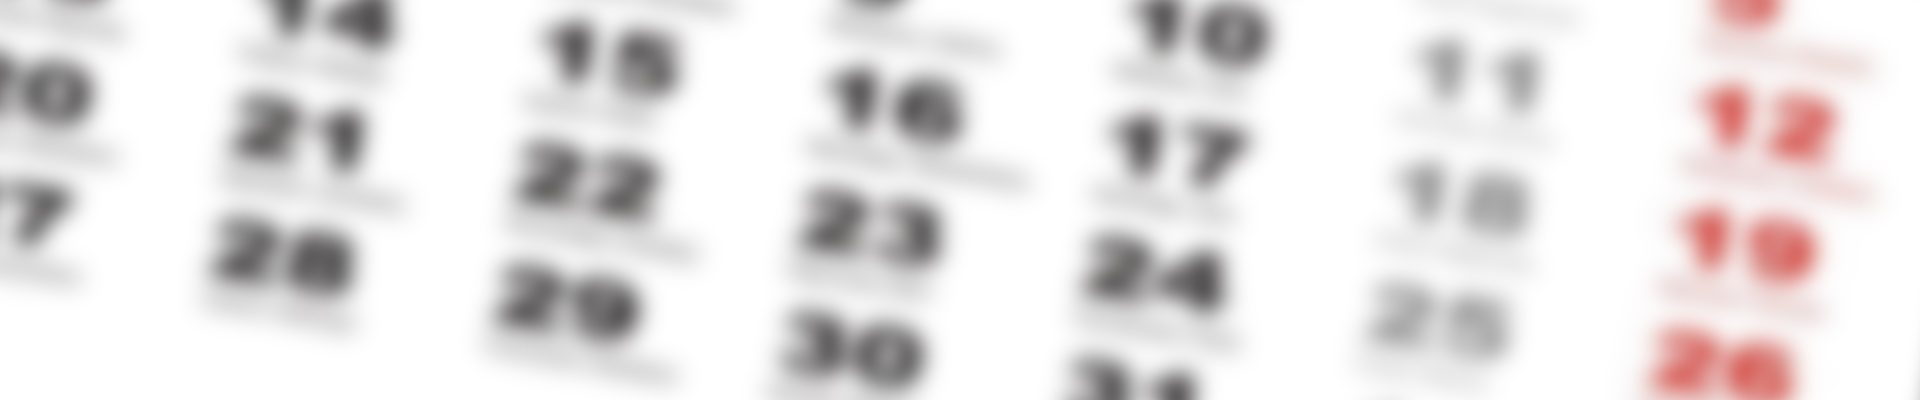 Kalendarze jednodzielne i trójdzielne